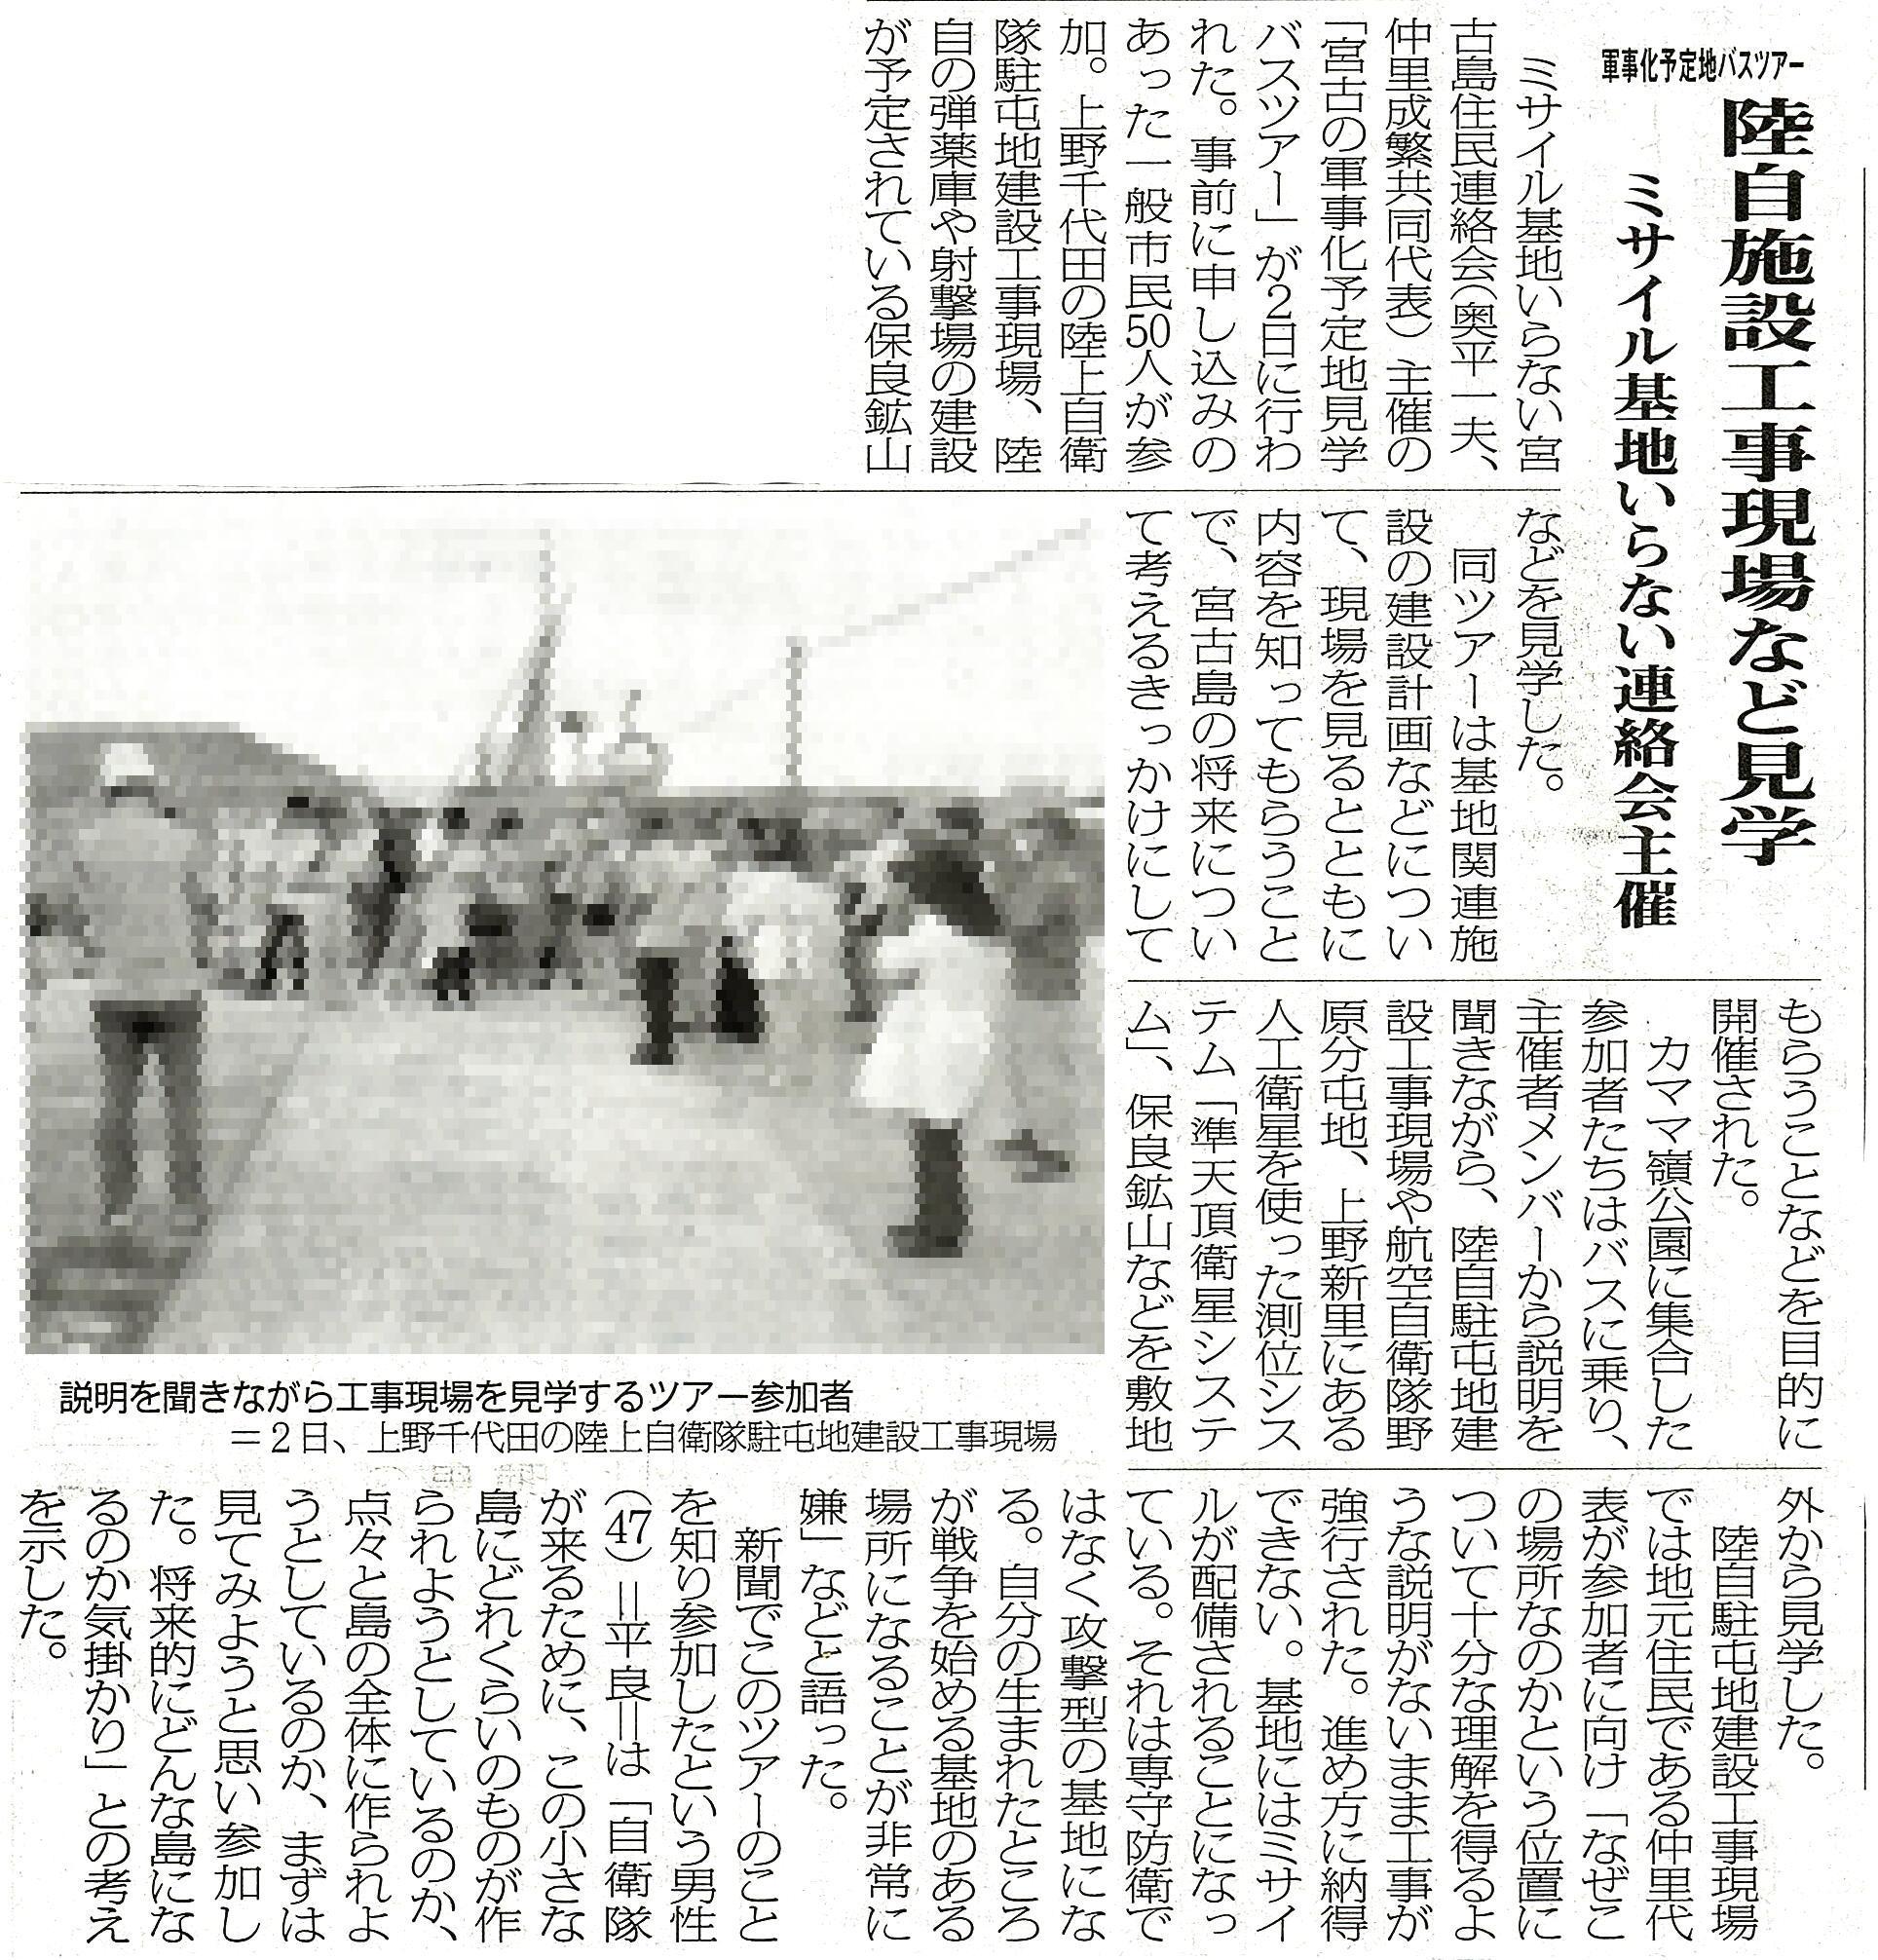 miyakomainichi2018 06032